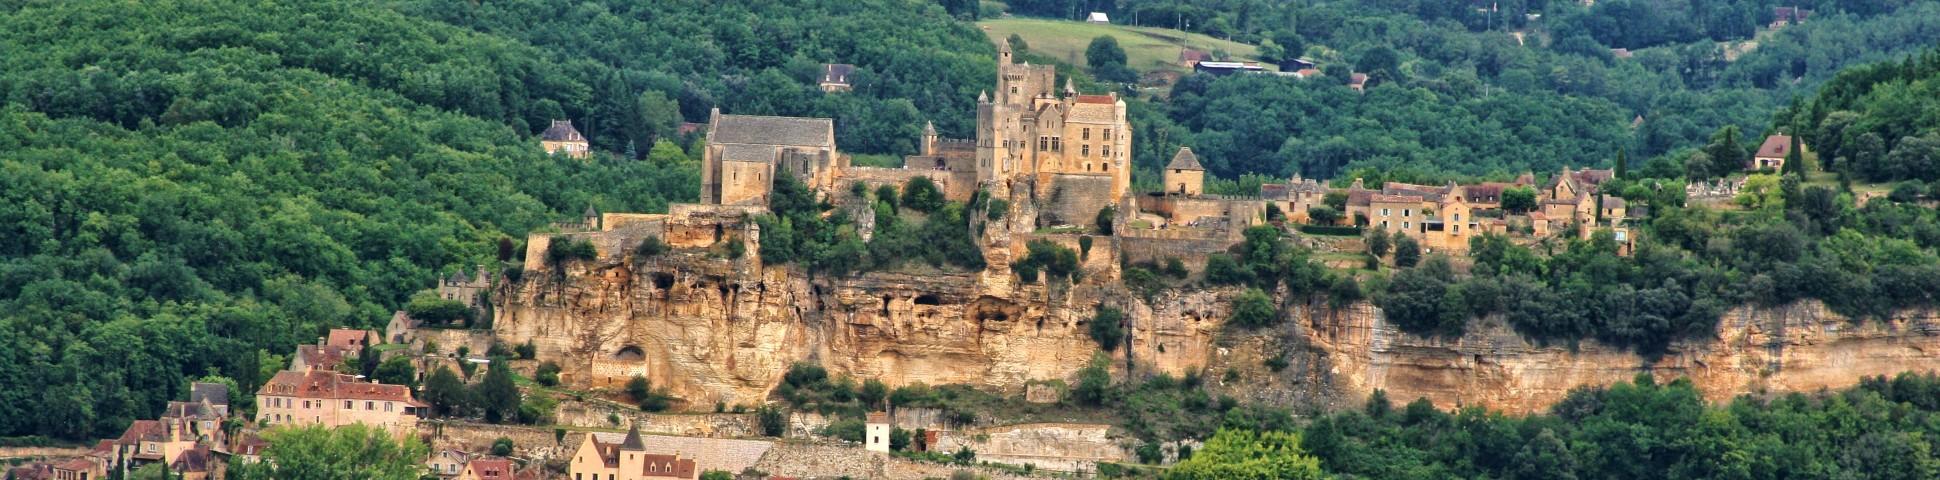 Old fort in Dordogne (France)